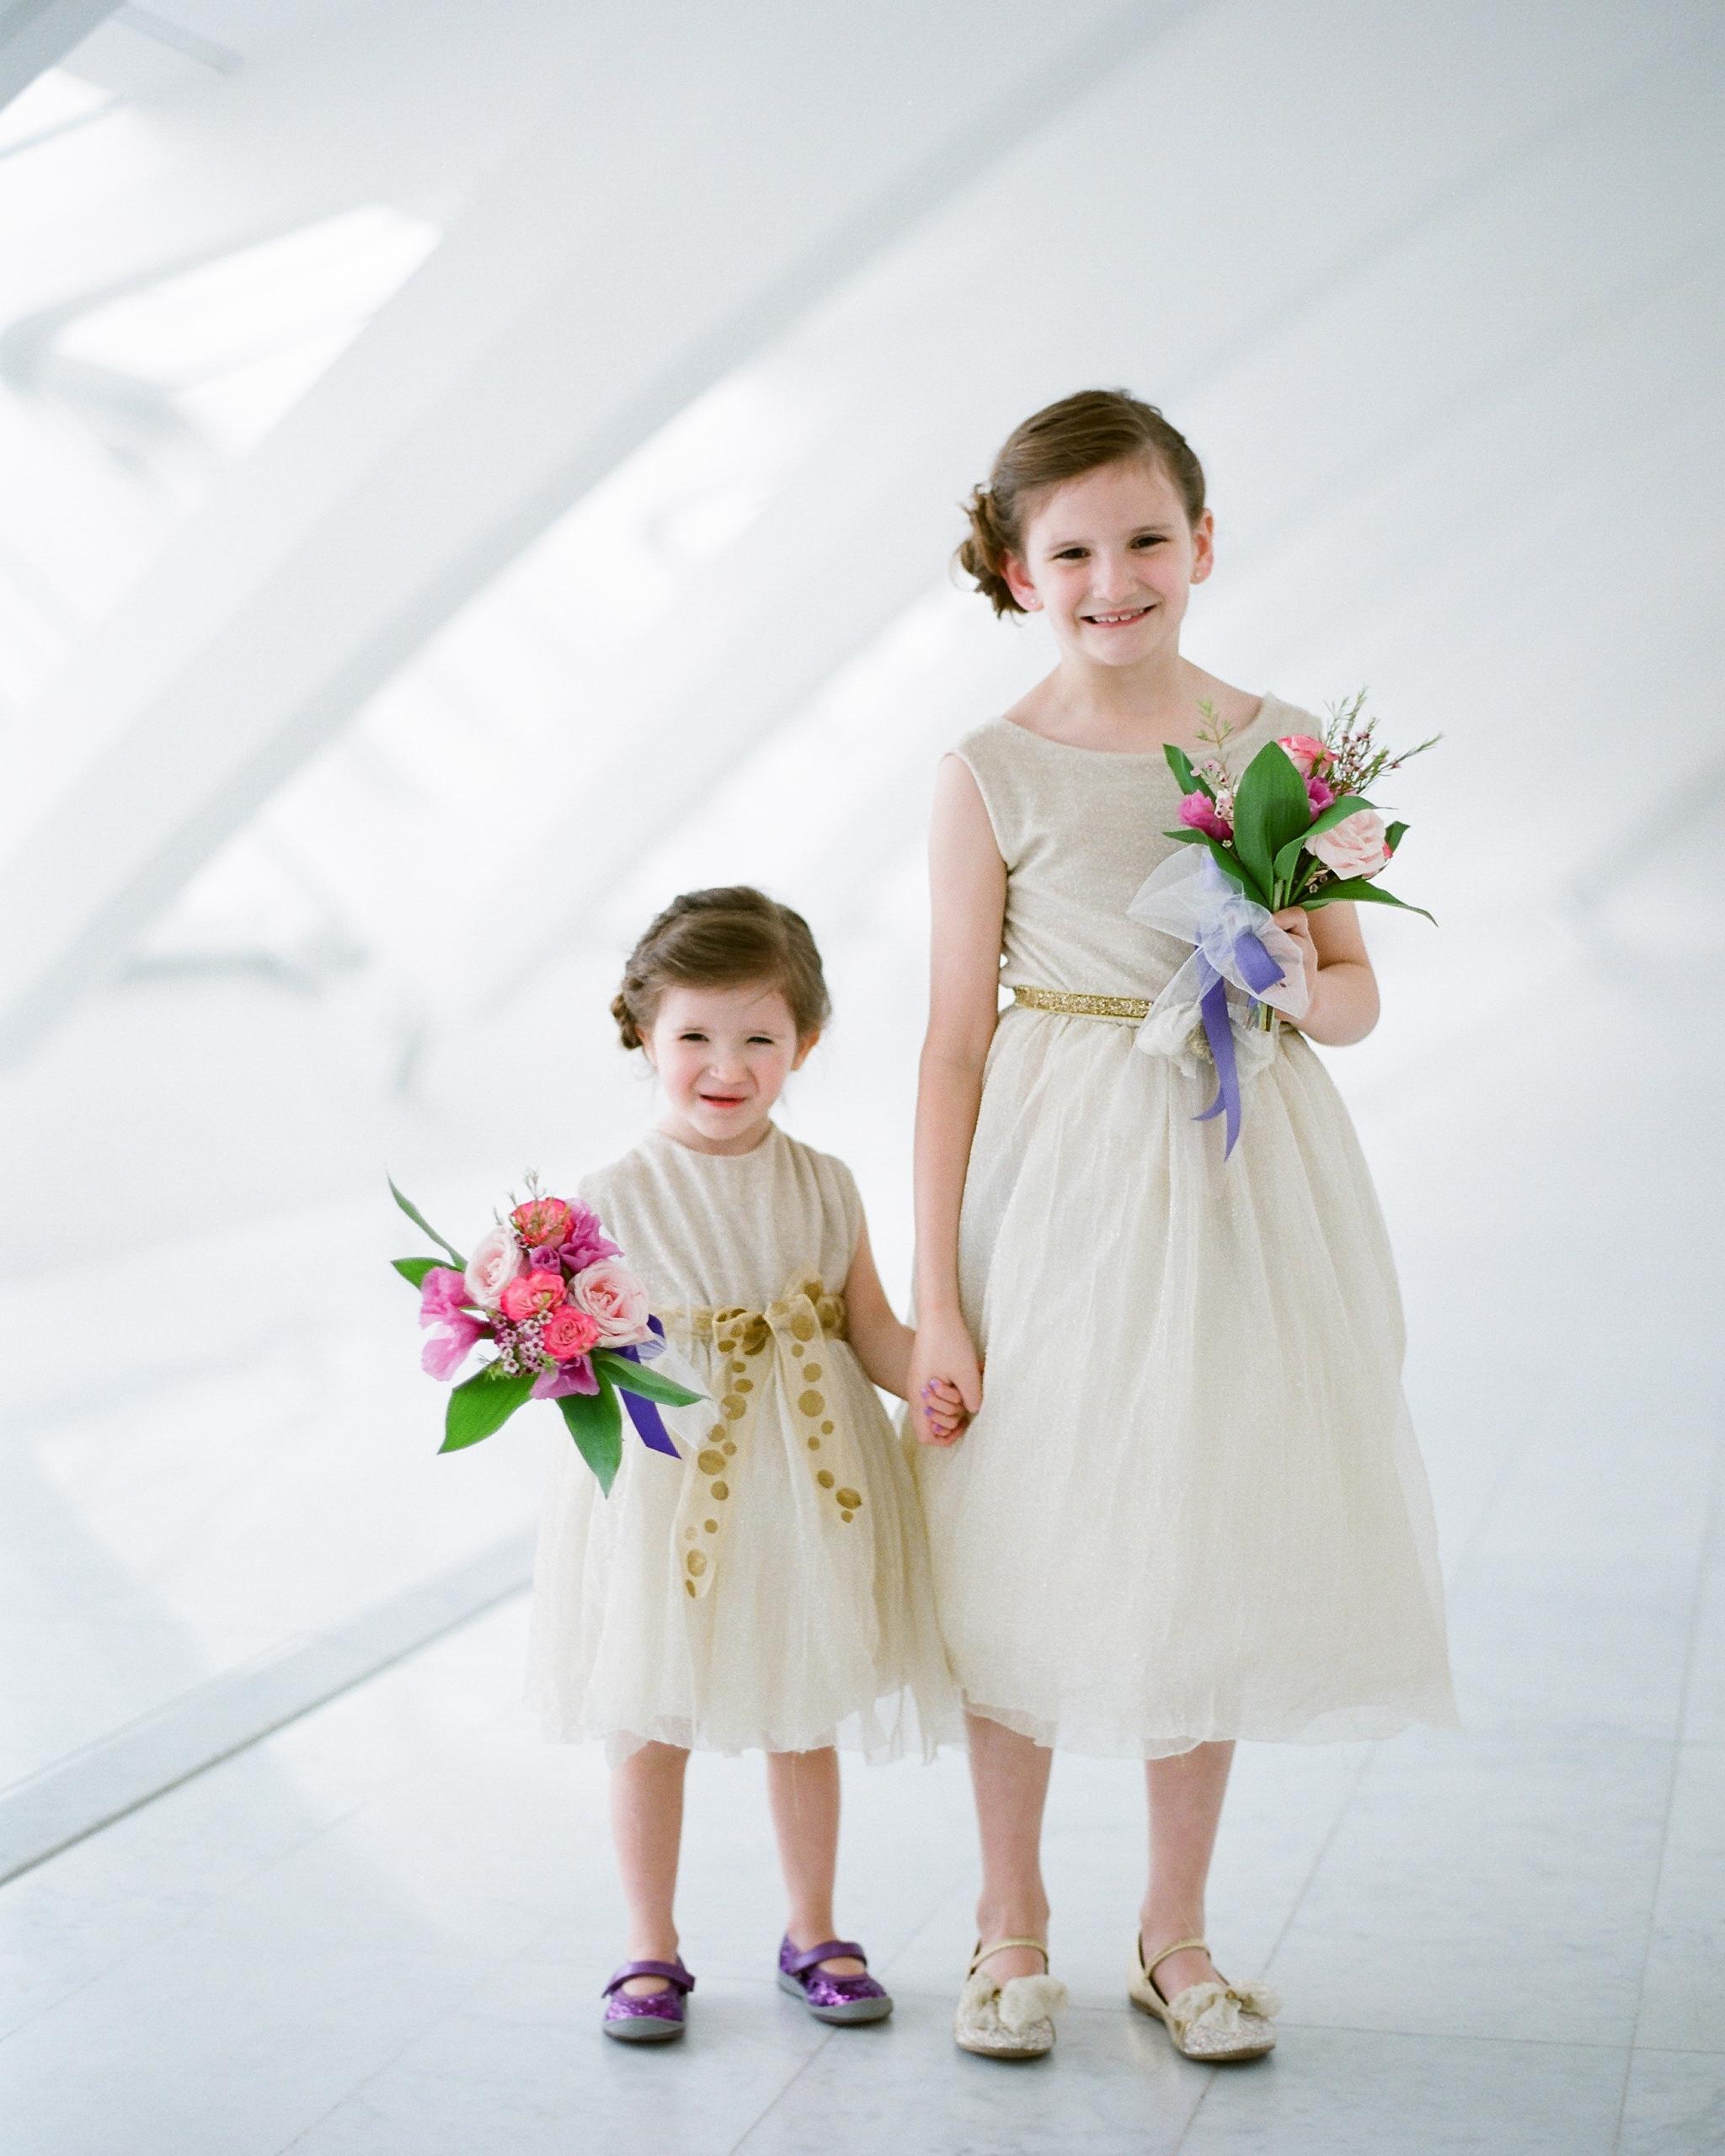 libby-allen-wedding-flowergirls-032-s112487-0116.jpg